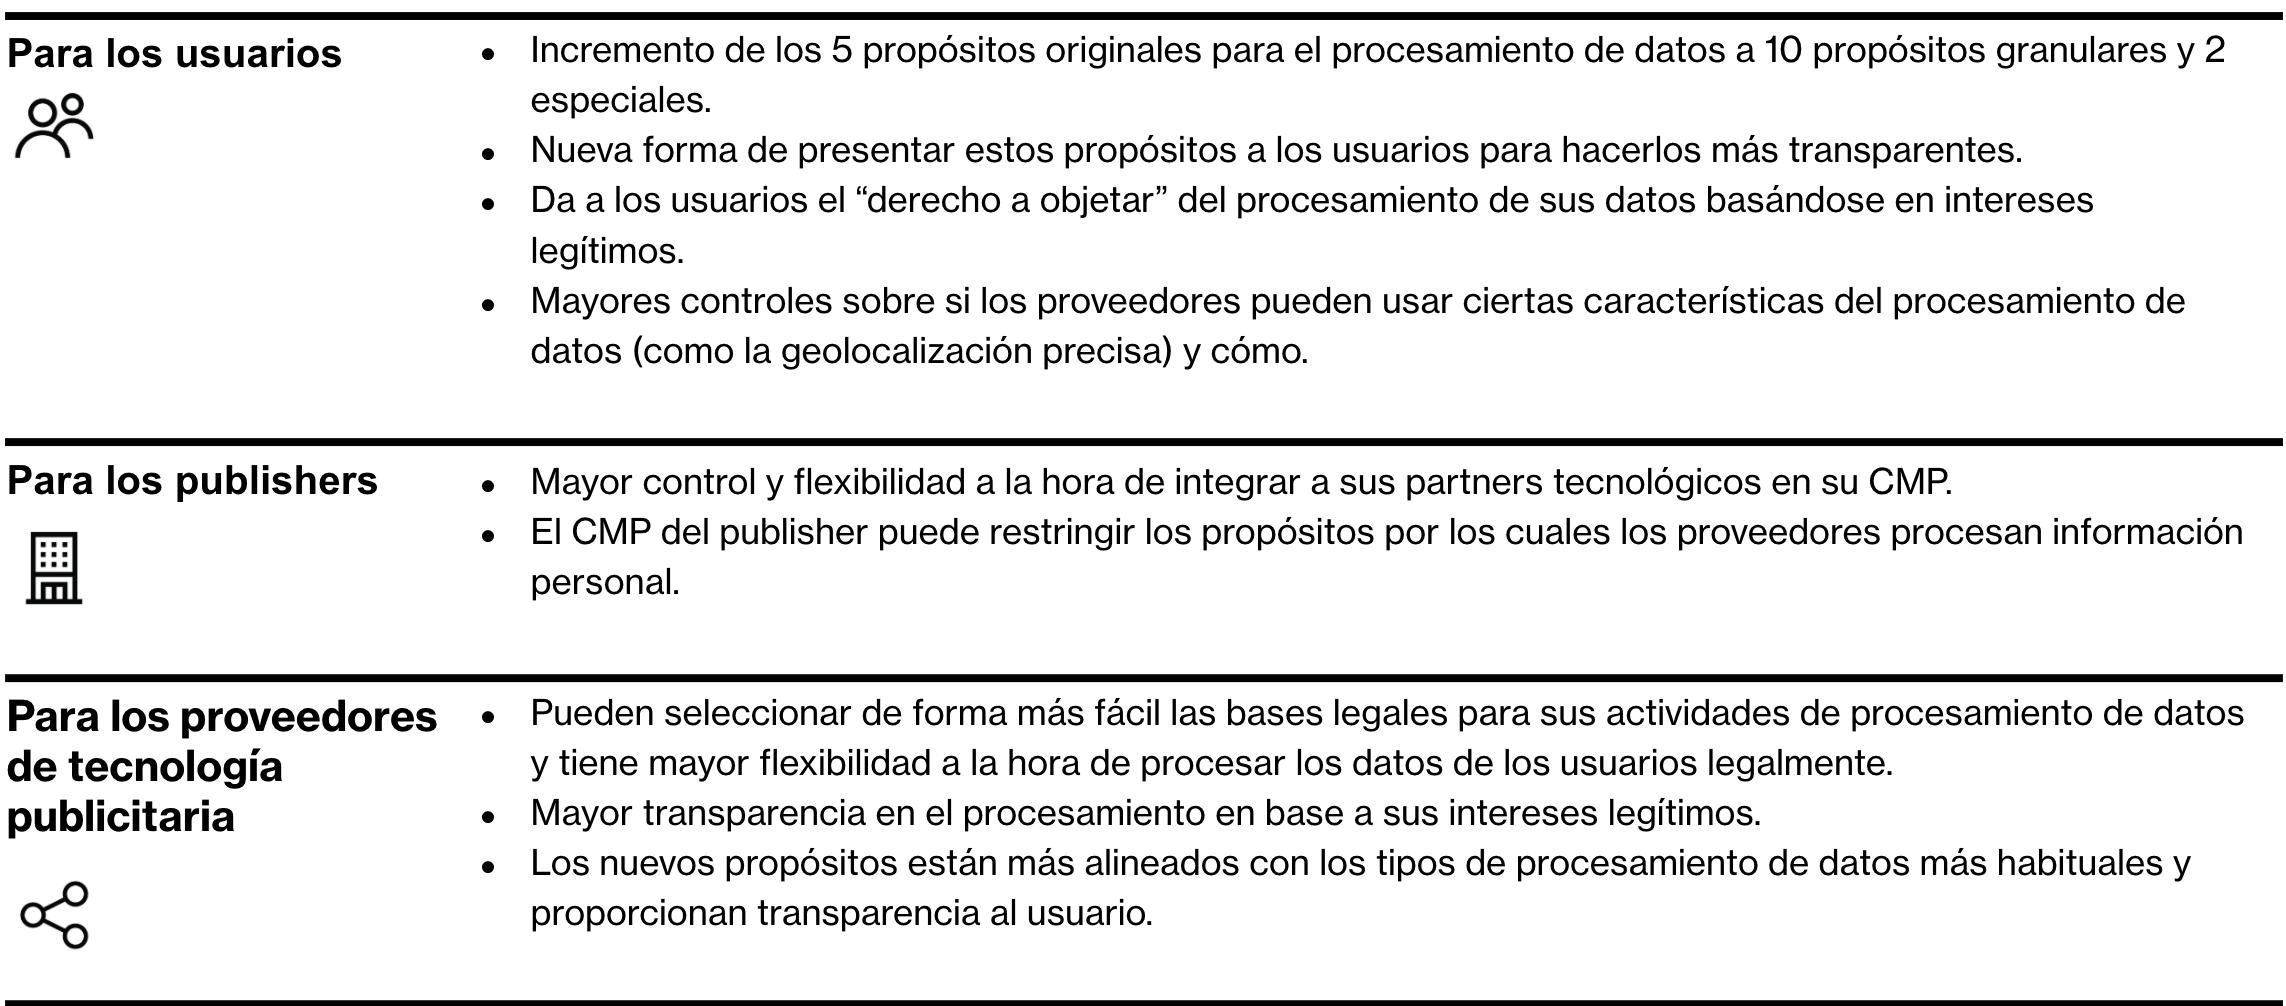 La segunda versión del Transparency Content Framework (TCF)